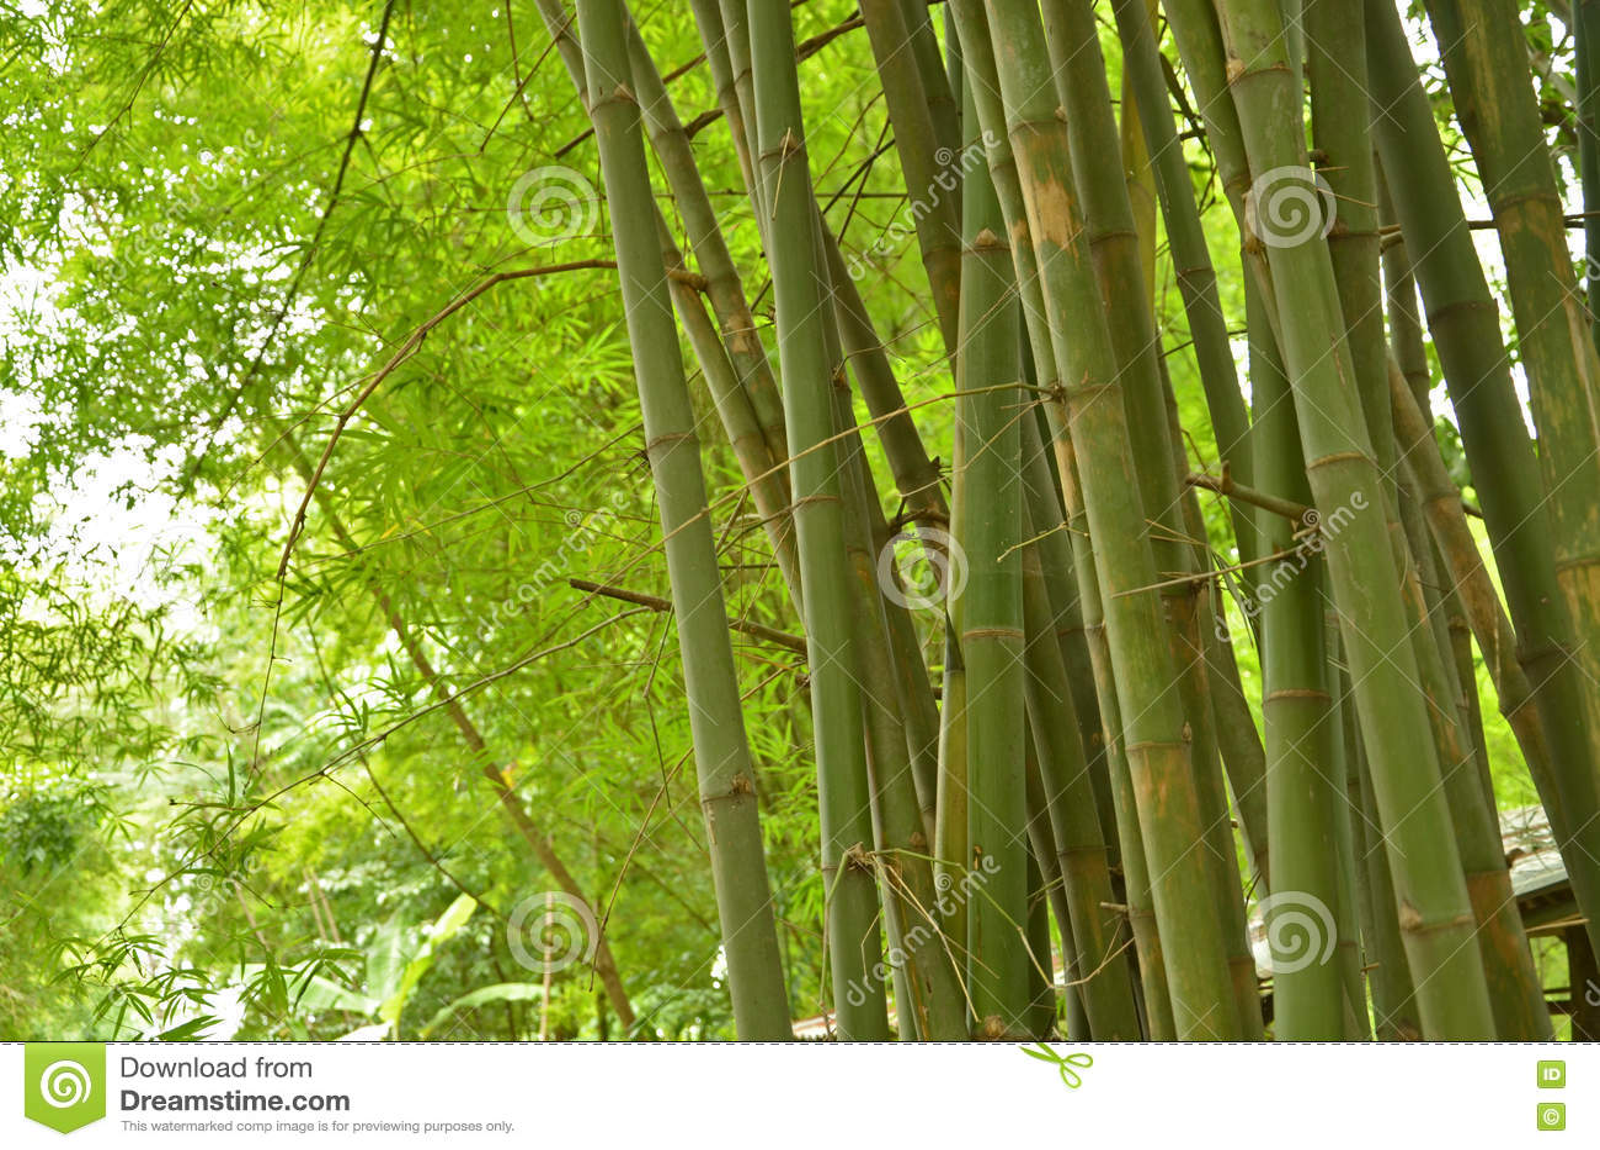 Troncos y hojas verdes del grupo de bambú